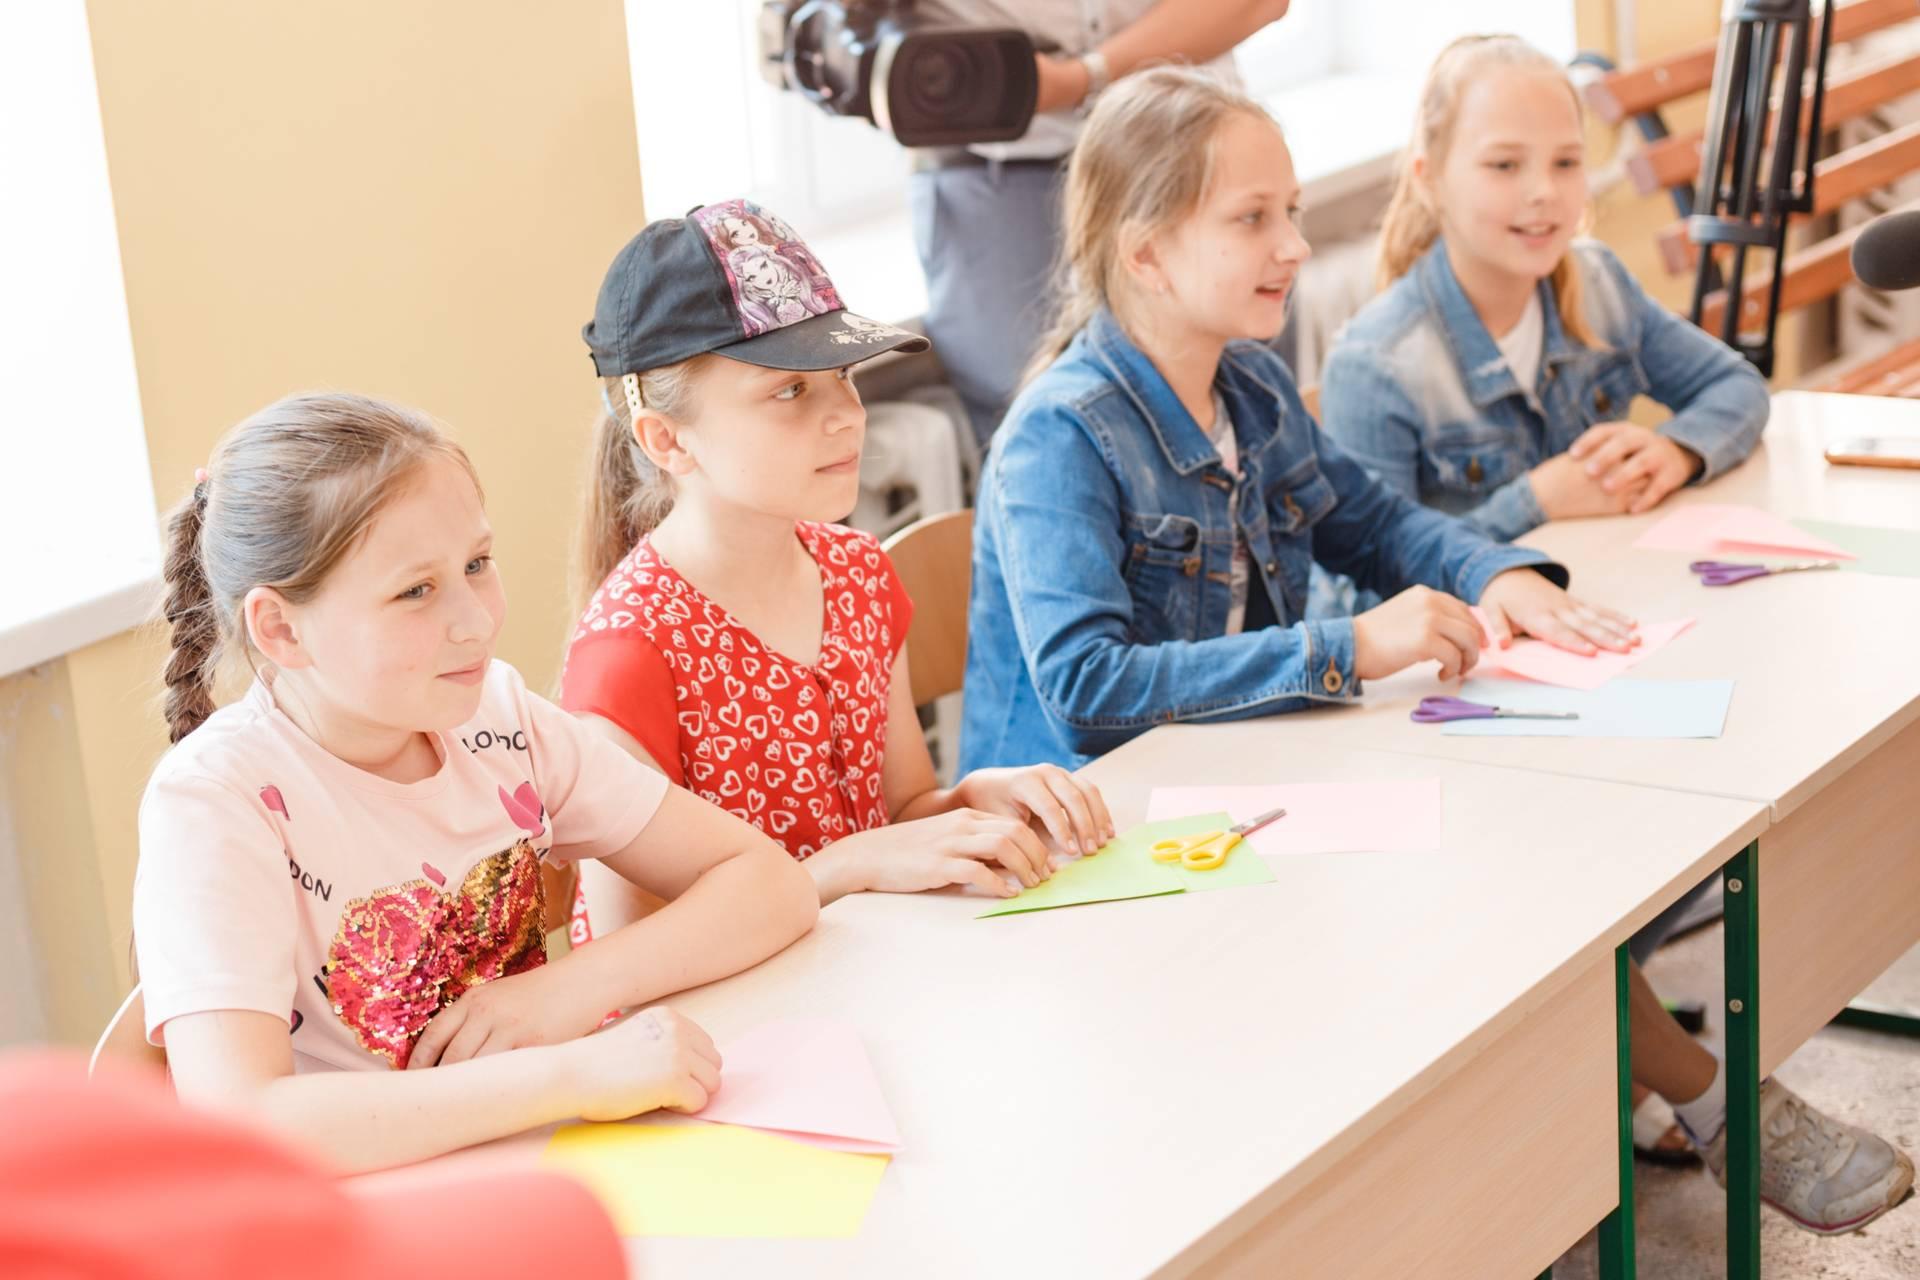 Языковые лагеря для детей в praha (чехия)  2021 - купить путевку, бронирование бесплатно